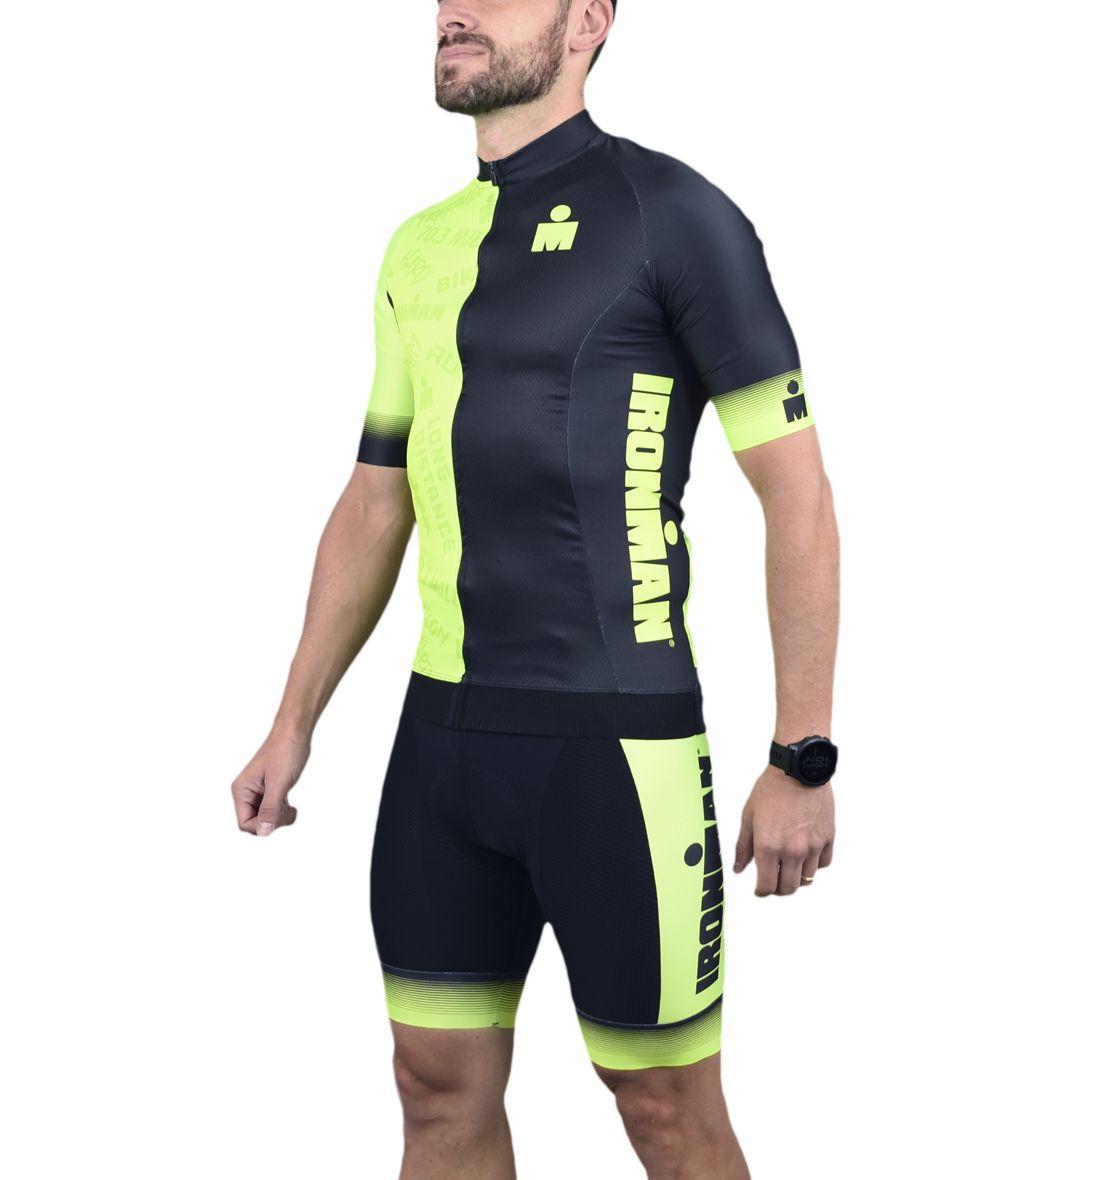 Camisa Ciclismo Masc - Ironman - Preto e verde